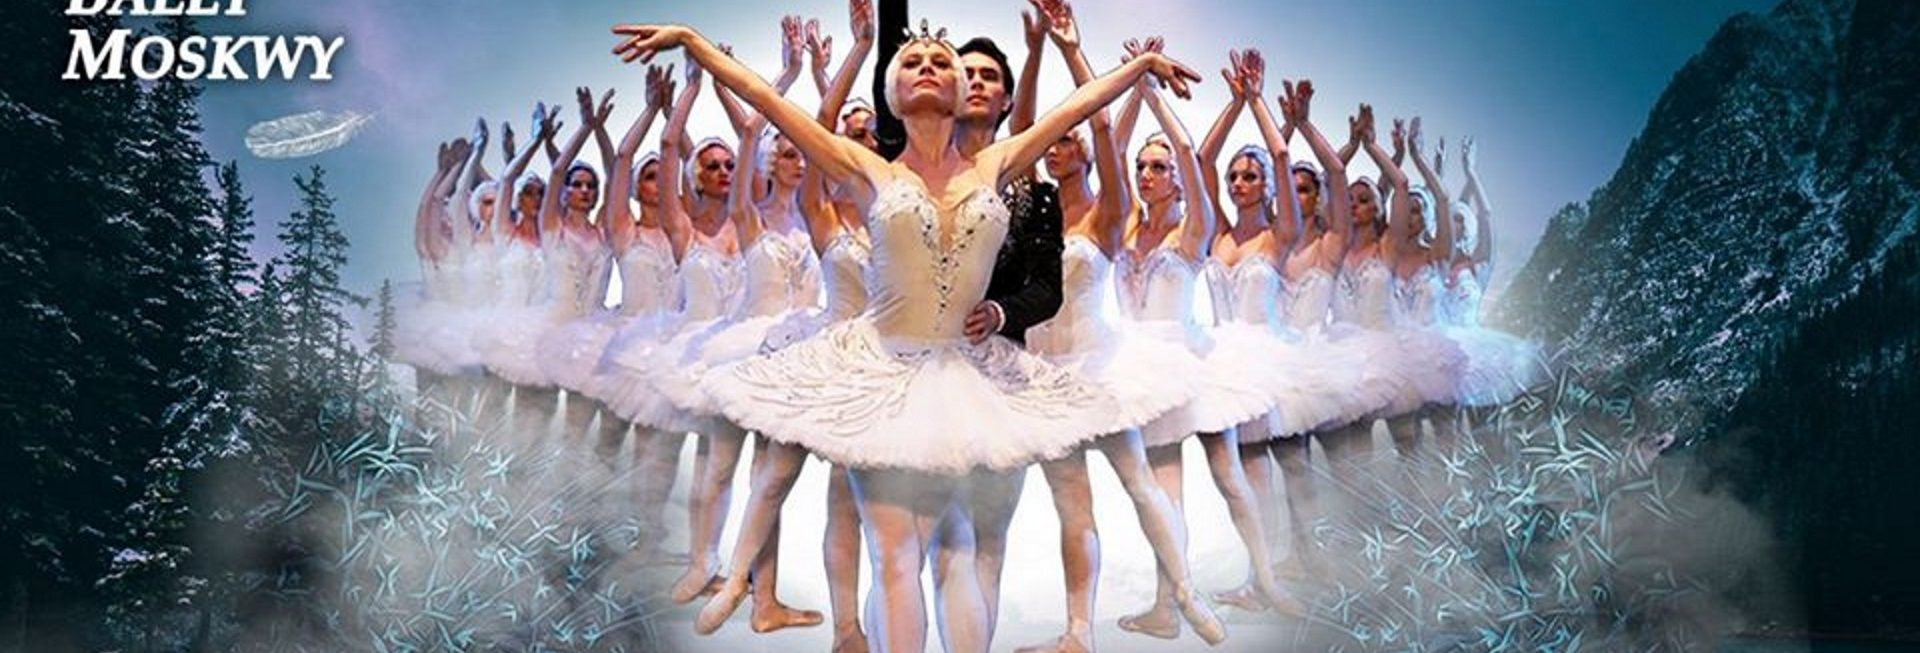 Zdjęcie - plakat zapraszający na występ Rosyjskiego Baletu Moskwy Jezioro Łabędzie. Na plakacie zdjęcie tancerek na tle gór i lasów. Na pierwszym planie zdjęcia tancerka i tancerz.